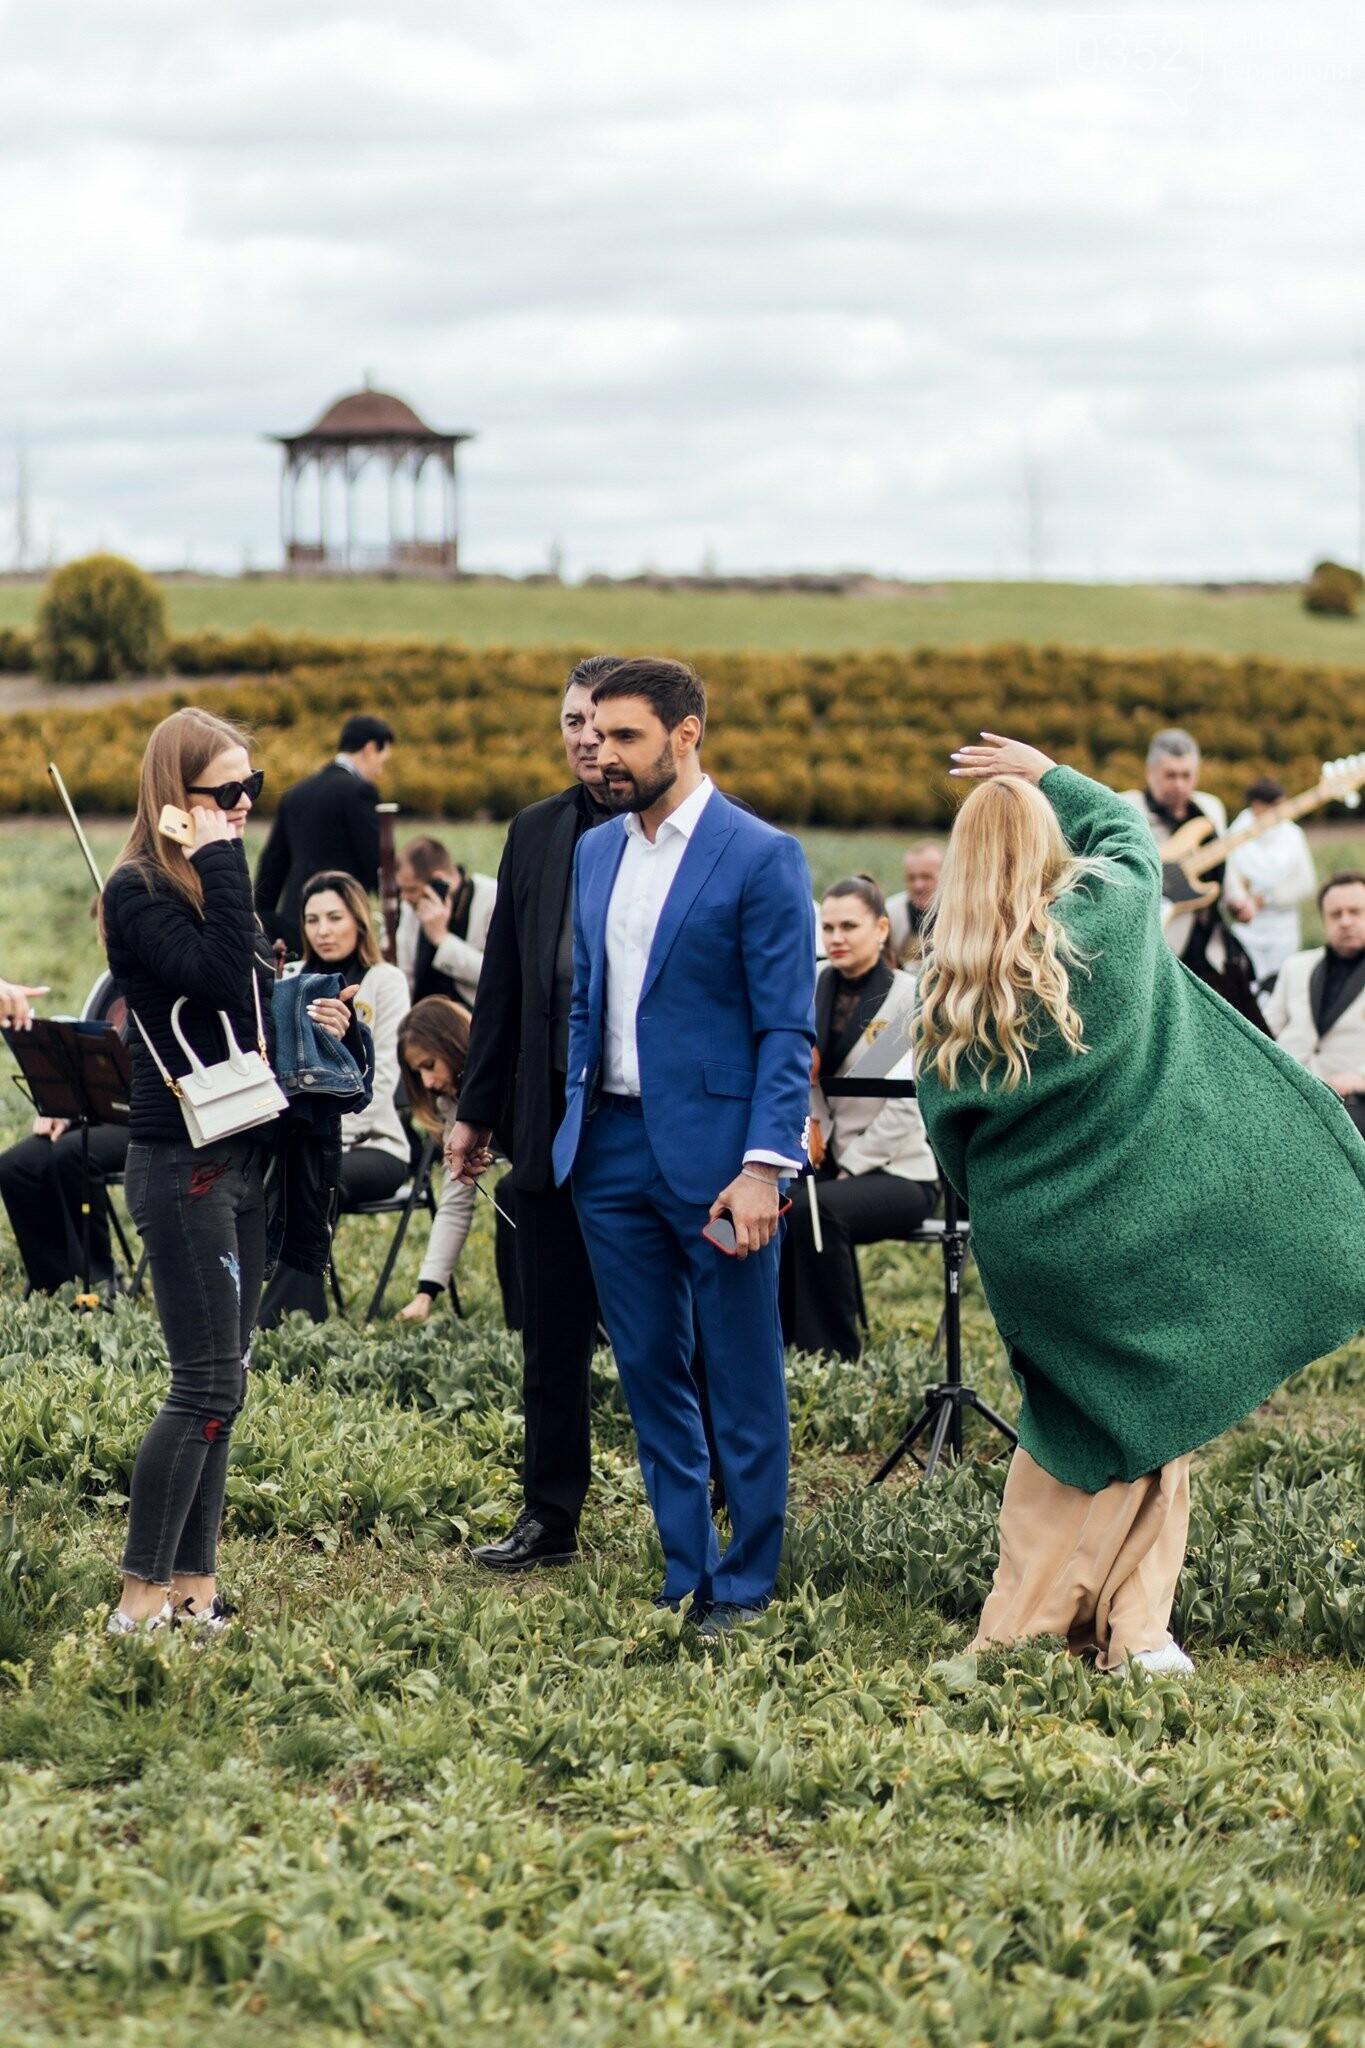 12 зіркових голосів 12-ма мовами: народний артист з Тернопільщини заспіває турецькою «Христос Воскрес!»  (ФОТО, ВІДЕО), фото-4